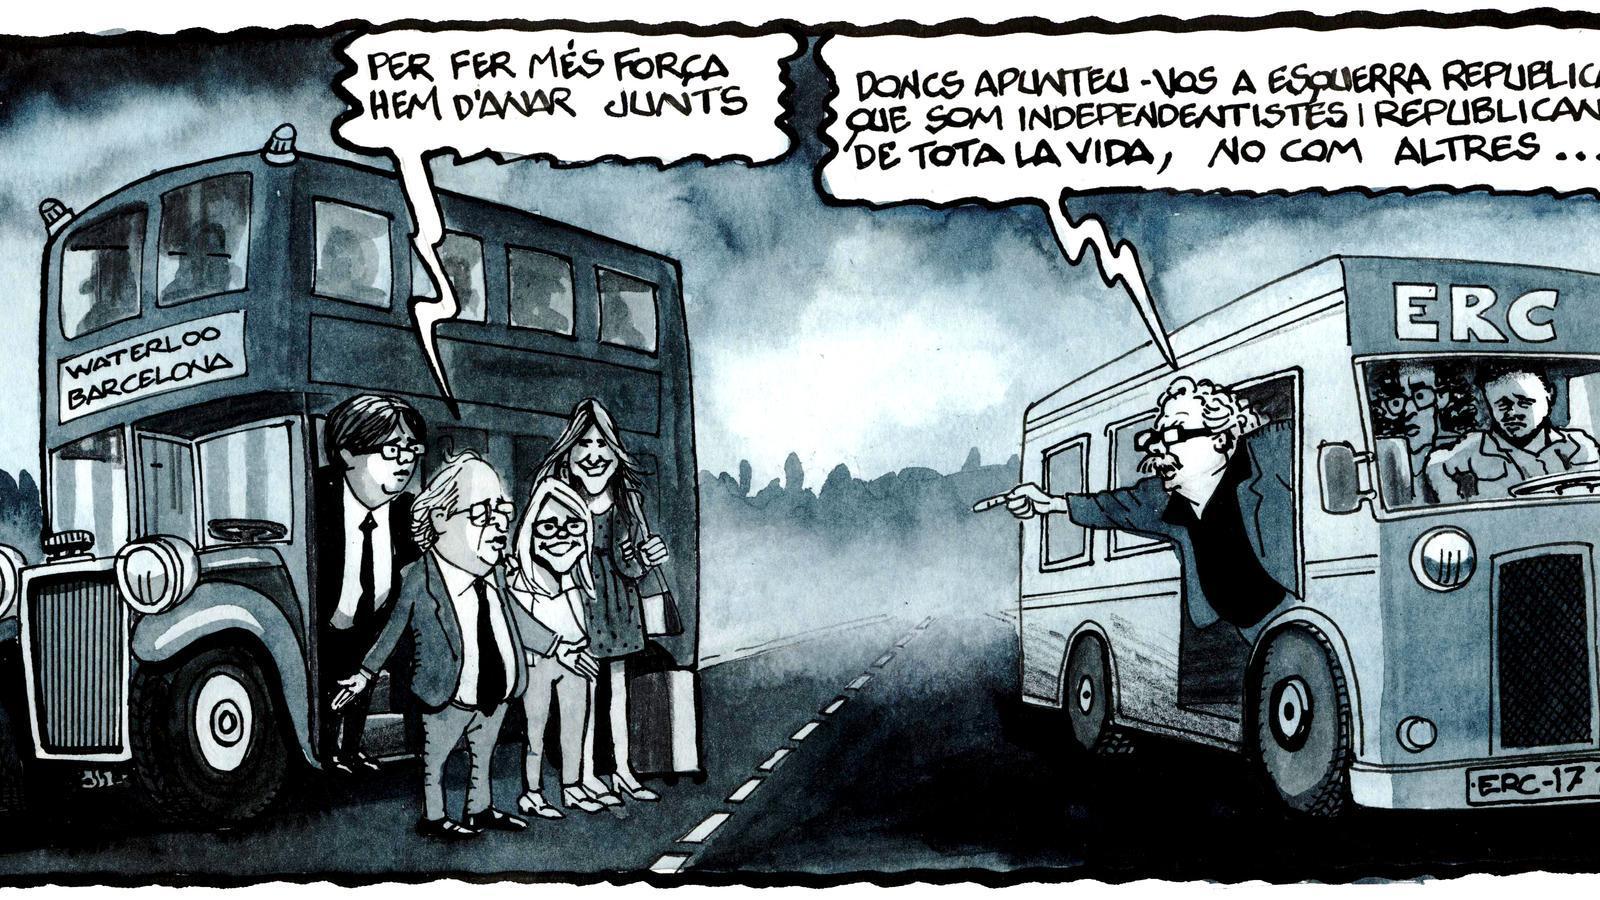 'A la contra', per Ferreres (25/04/2019)